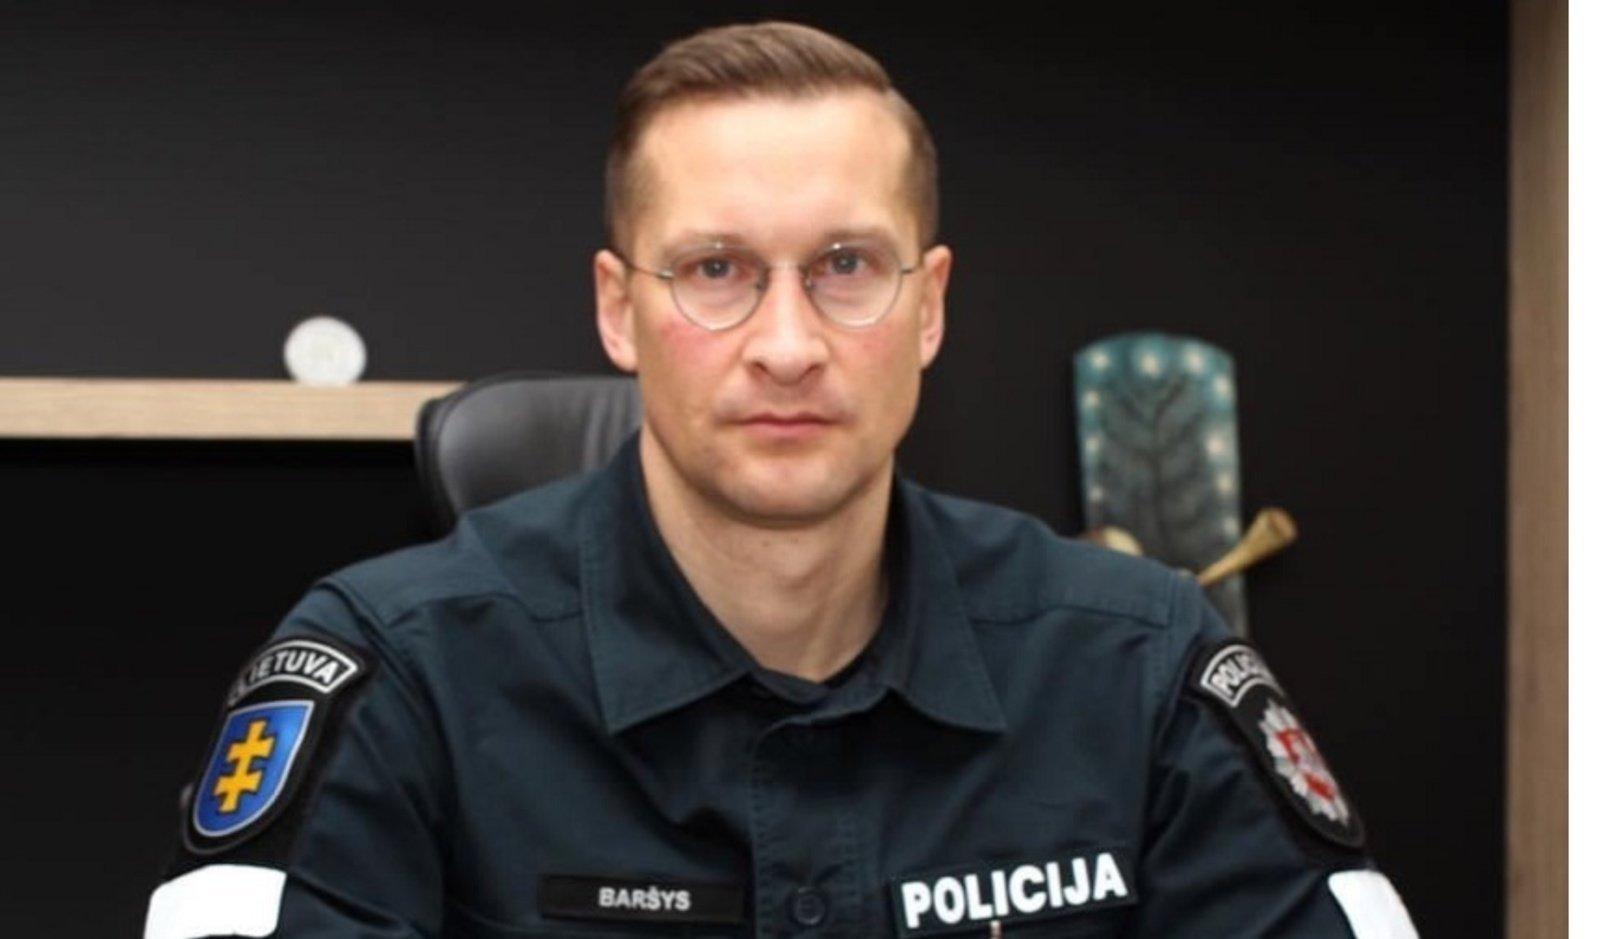 Naujasis Kauno policijos vadovas: žmonės turi jaustis saugūs net ir nematydami pareigūno